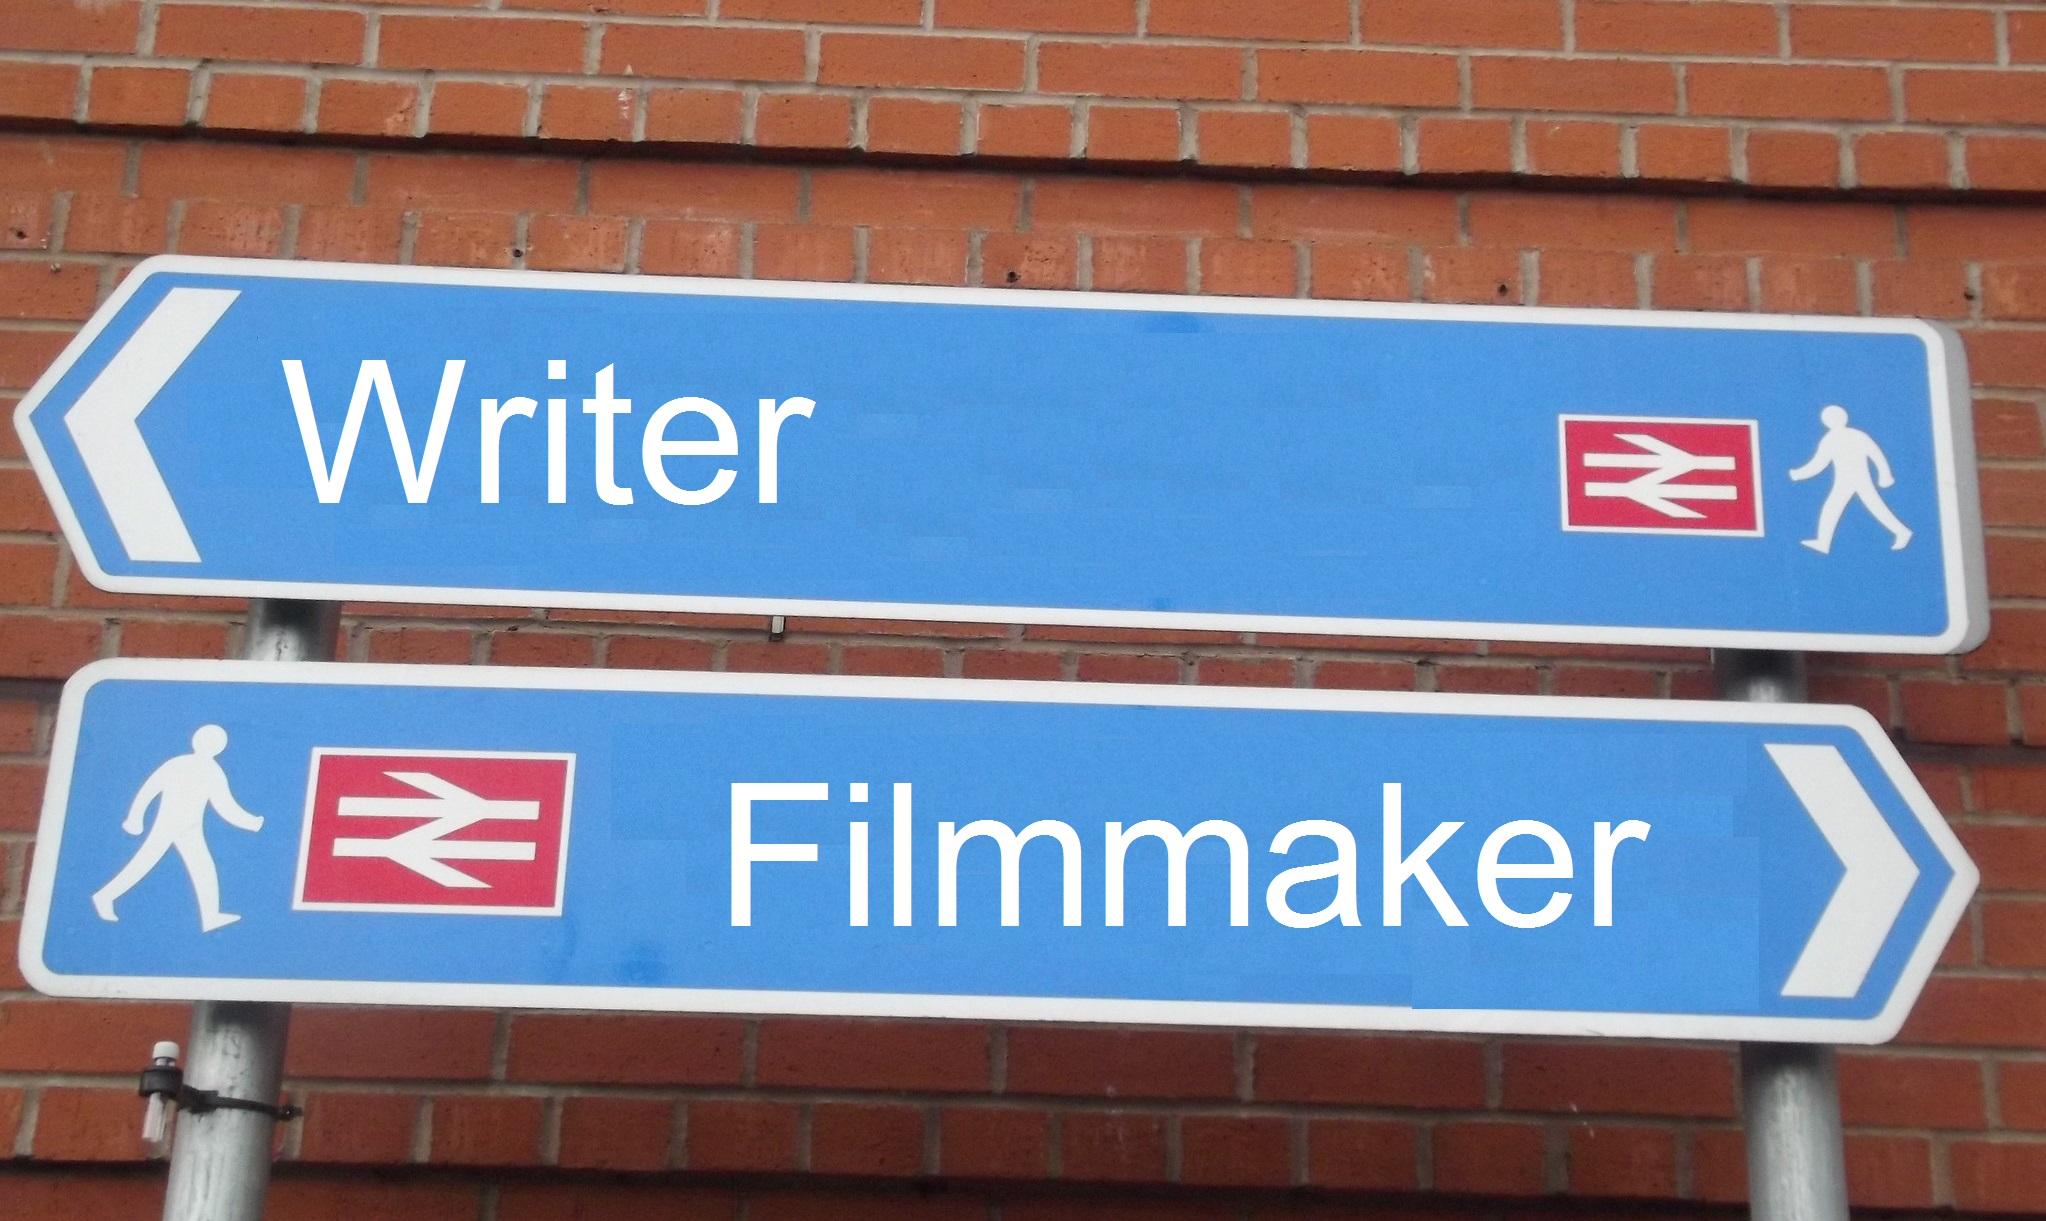 Writer vs Filmmaker